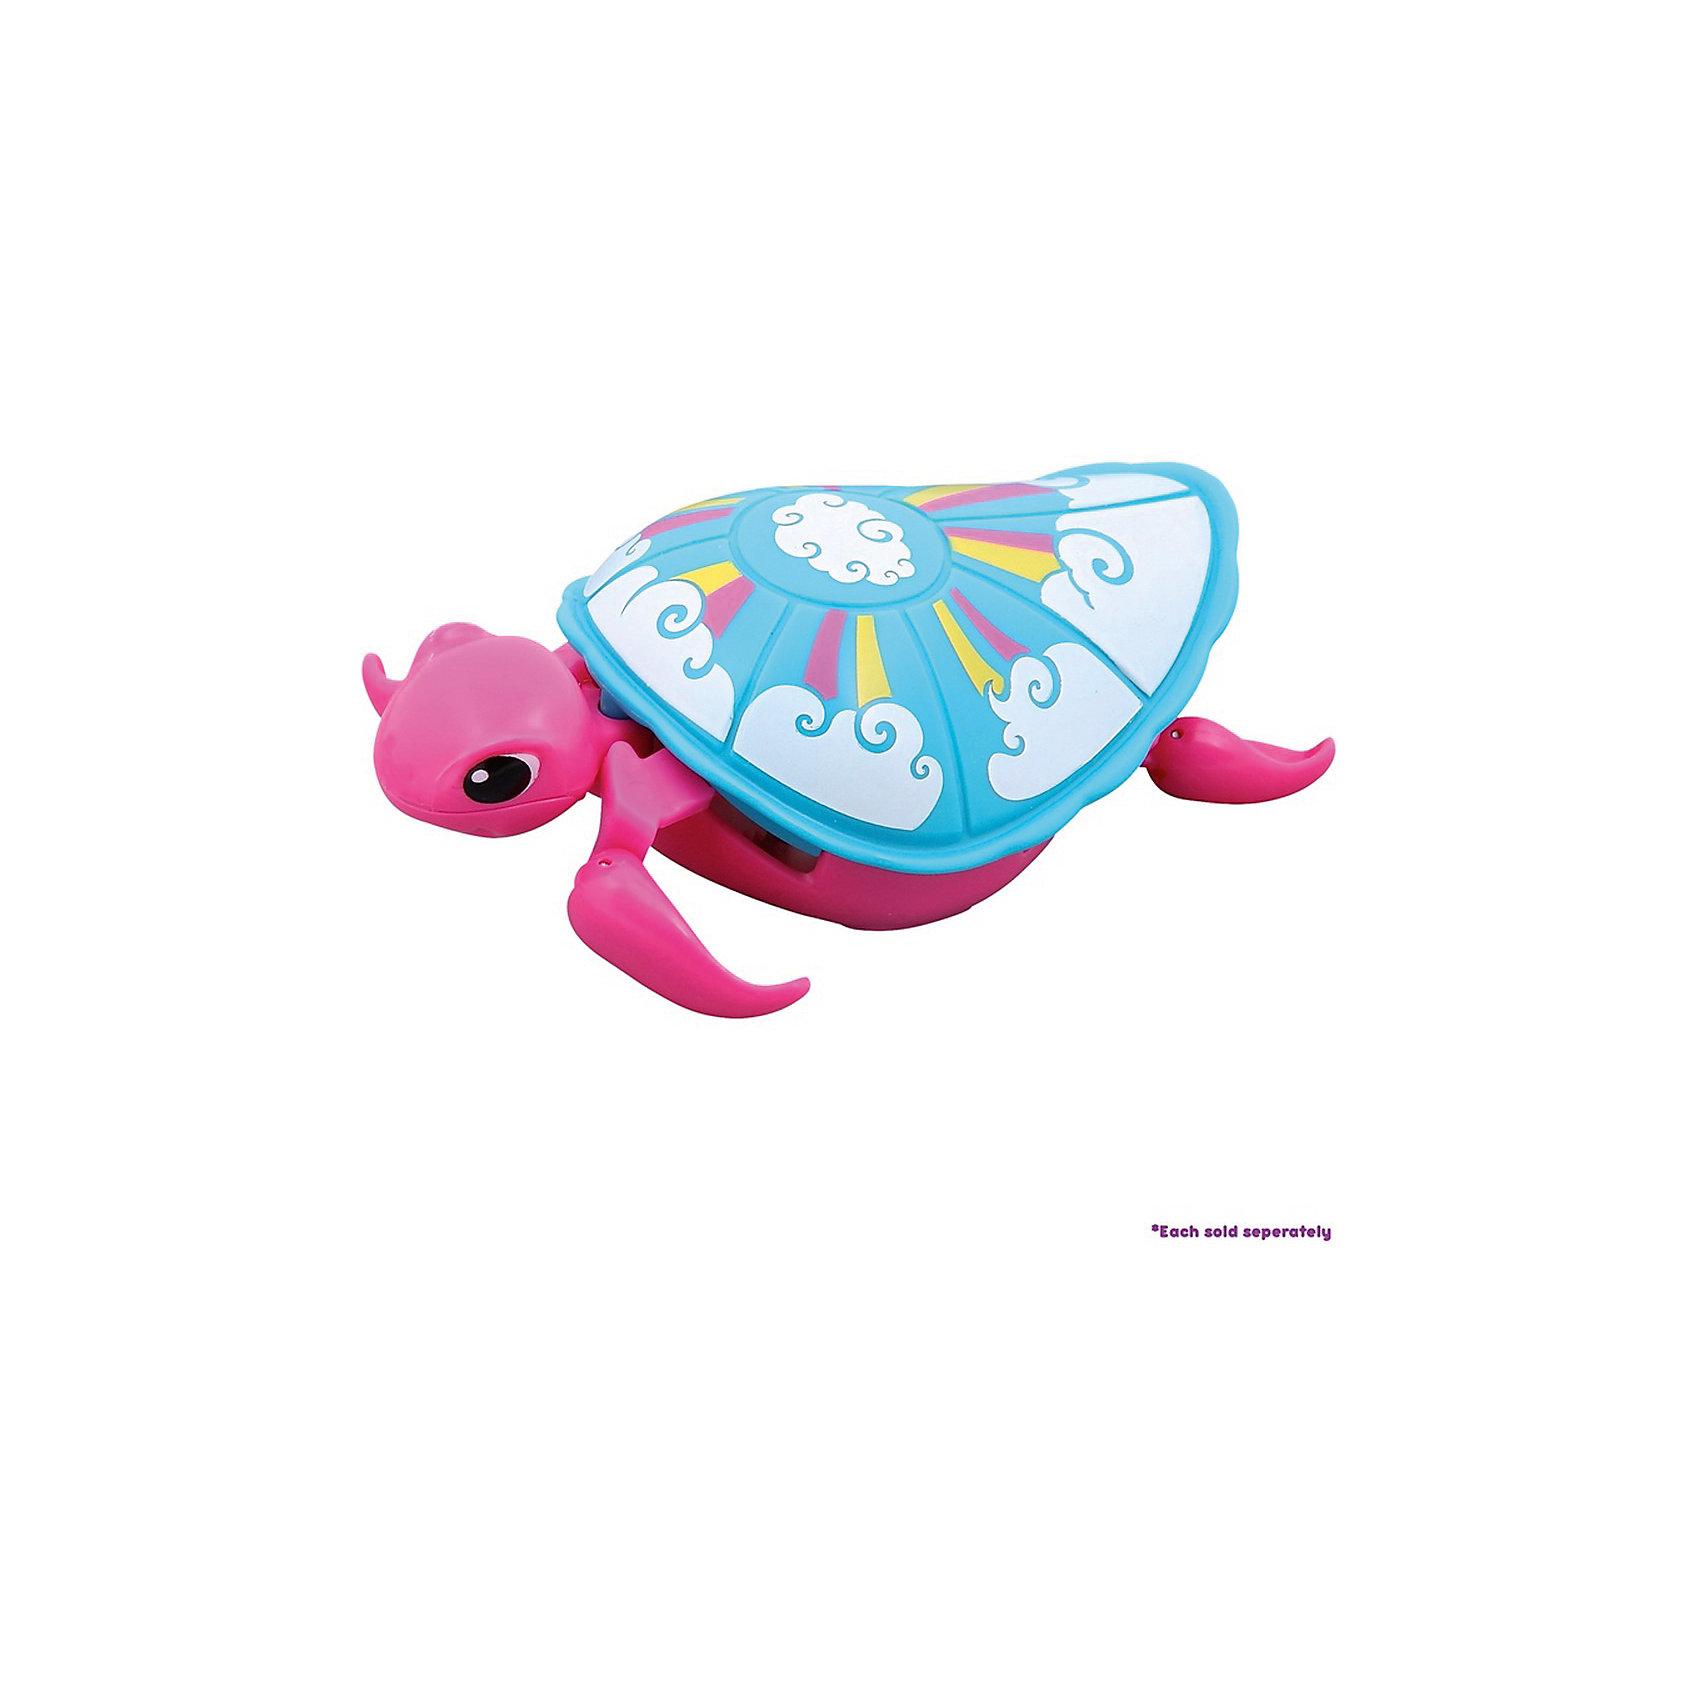 Интерактивная черепашка, розовая, 3-я серия, Little Live PetsИнтерактивная черепашка, розовая, 3-я серия, Little Live Pets – разнообразит купание вашего малыша. <br>Черепашка не только замечательно ползает на суше, но и отлично плавает в воде. Черепашка очень похожа на настоящую. Материал безопасен для детей, не выделяет вредных веществ в воду. Она шевелит ластами и головой. Кнопка включения находится на брюшке. Не рекомендуется играть в морской воде и на песке.<br><br>Дополнительная информация:<br><br>- возраст: от 5 лет<br>- материал: пластик<br>- на батарейке ААА(LR03)  <br>- цвет: розовый<br><br>Интерактивная черепашка, розовая, 3-я серия, Little Live Pets можно купить в нашем интернет-магазине.<br><br>Ширина мм: 50<br>Глубина мм: 160<br>Высота мм: 220<br>Вес г: 200<br>Возраст от месяцев: 60<br>Возраст до месяцев: 120<br>Пол: Унисекс<br>Возраст: Детский<br>SKU: 5055304